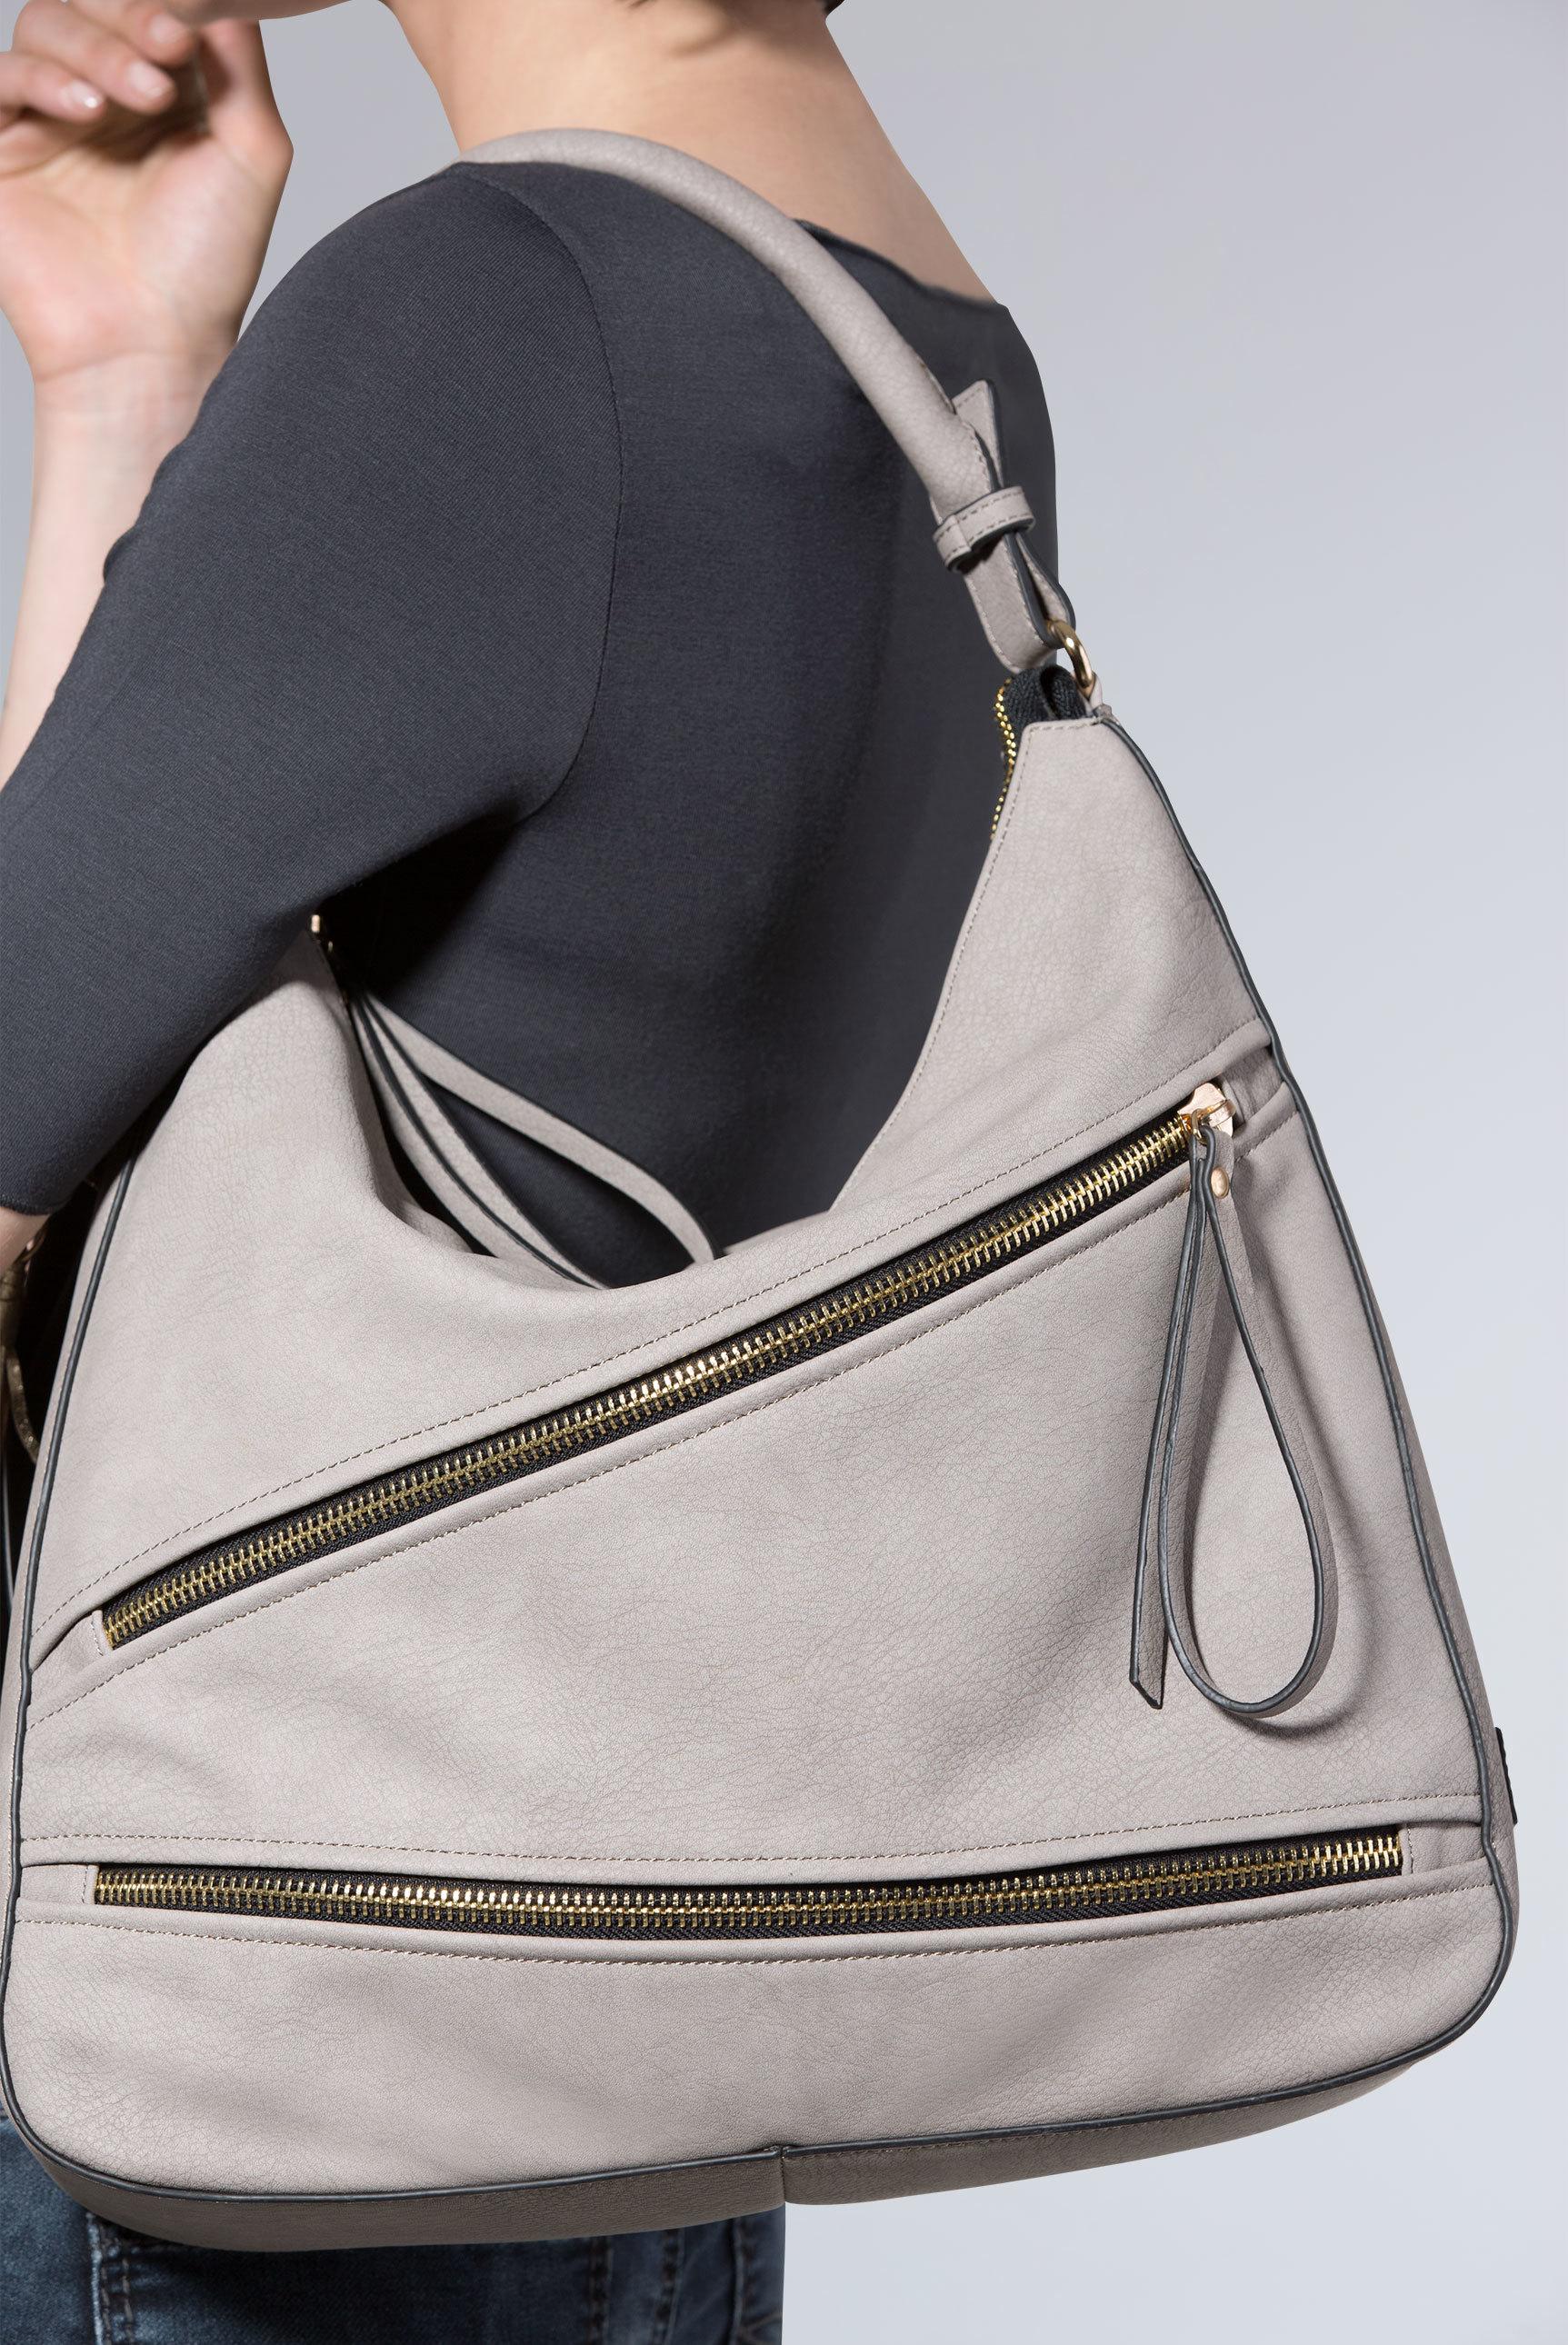 Beuteltasche aus Kunstleder mit Zippern